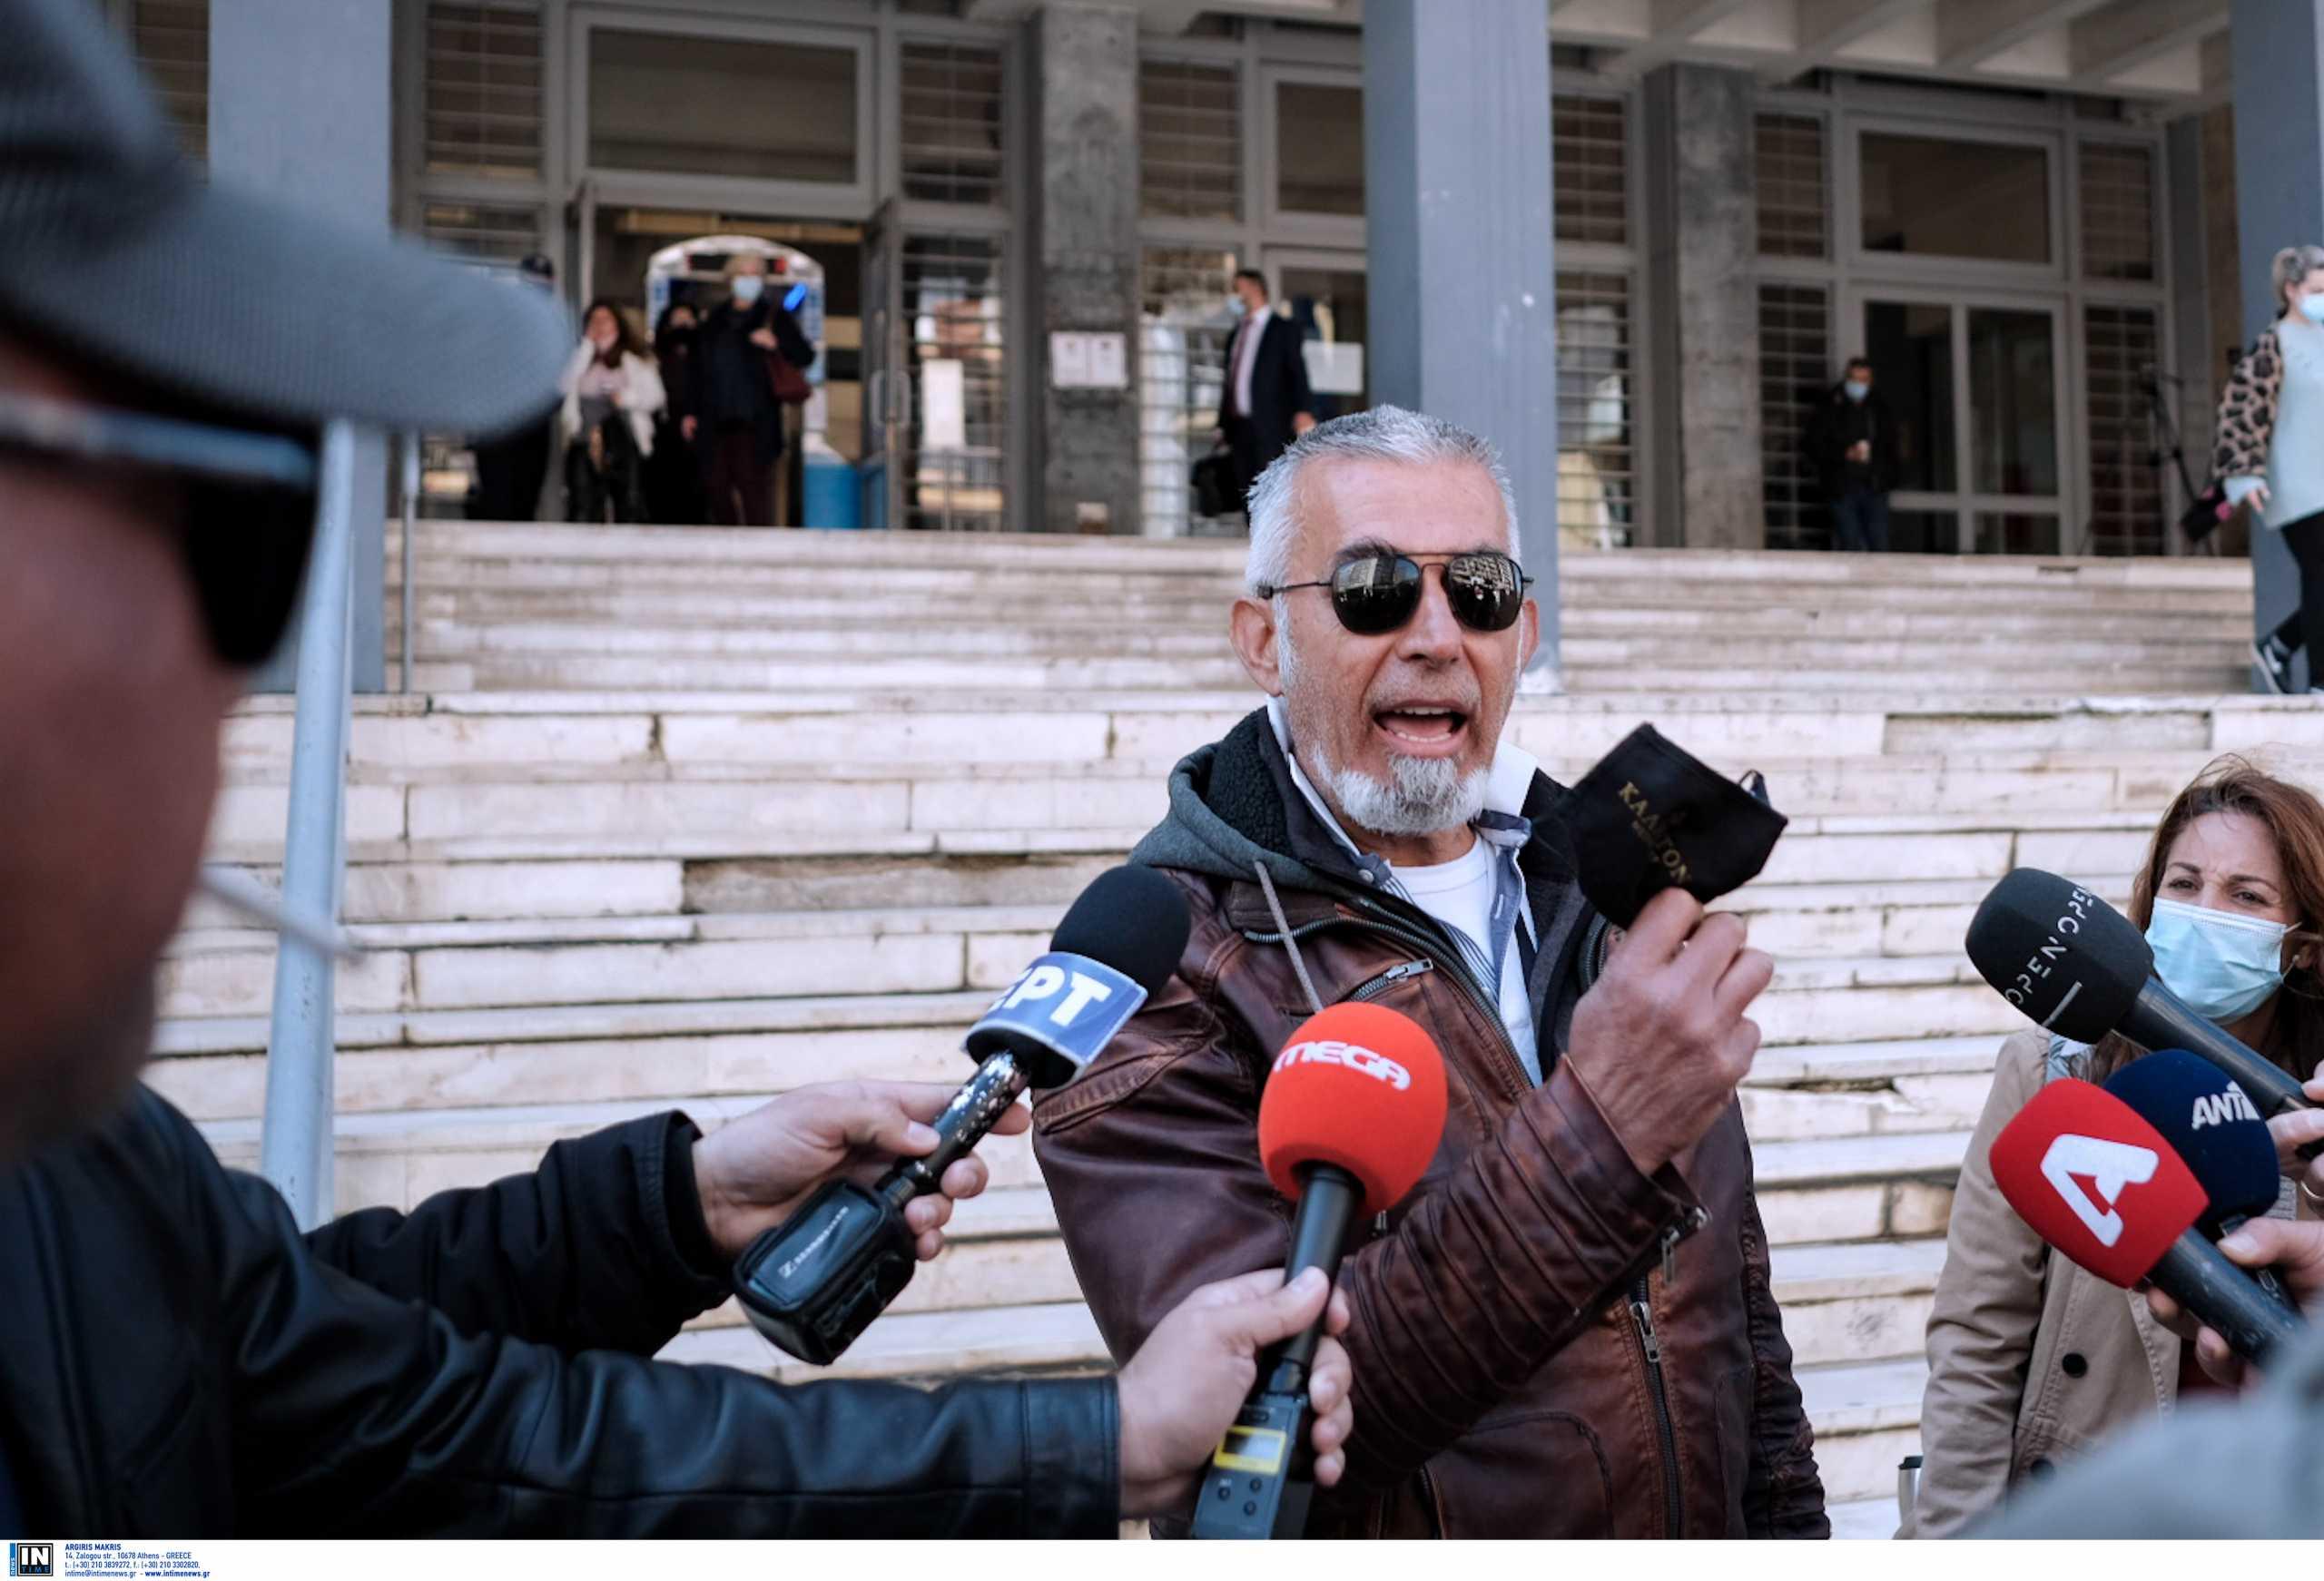 Θεσσαλονίκη: «Παιδιά όλα καλά κερδίσαμε» – Αμετανόητος ο πατέρας του μαθητή που δεν κάνει self test